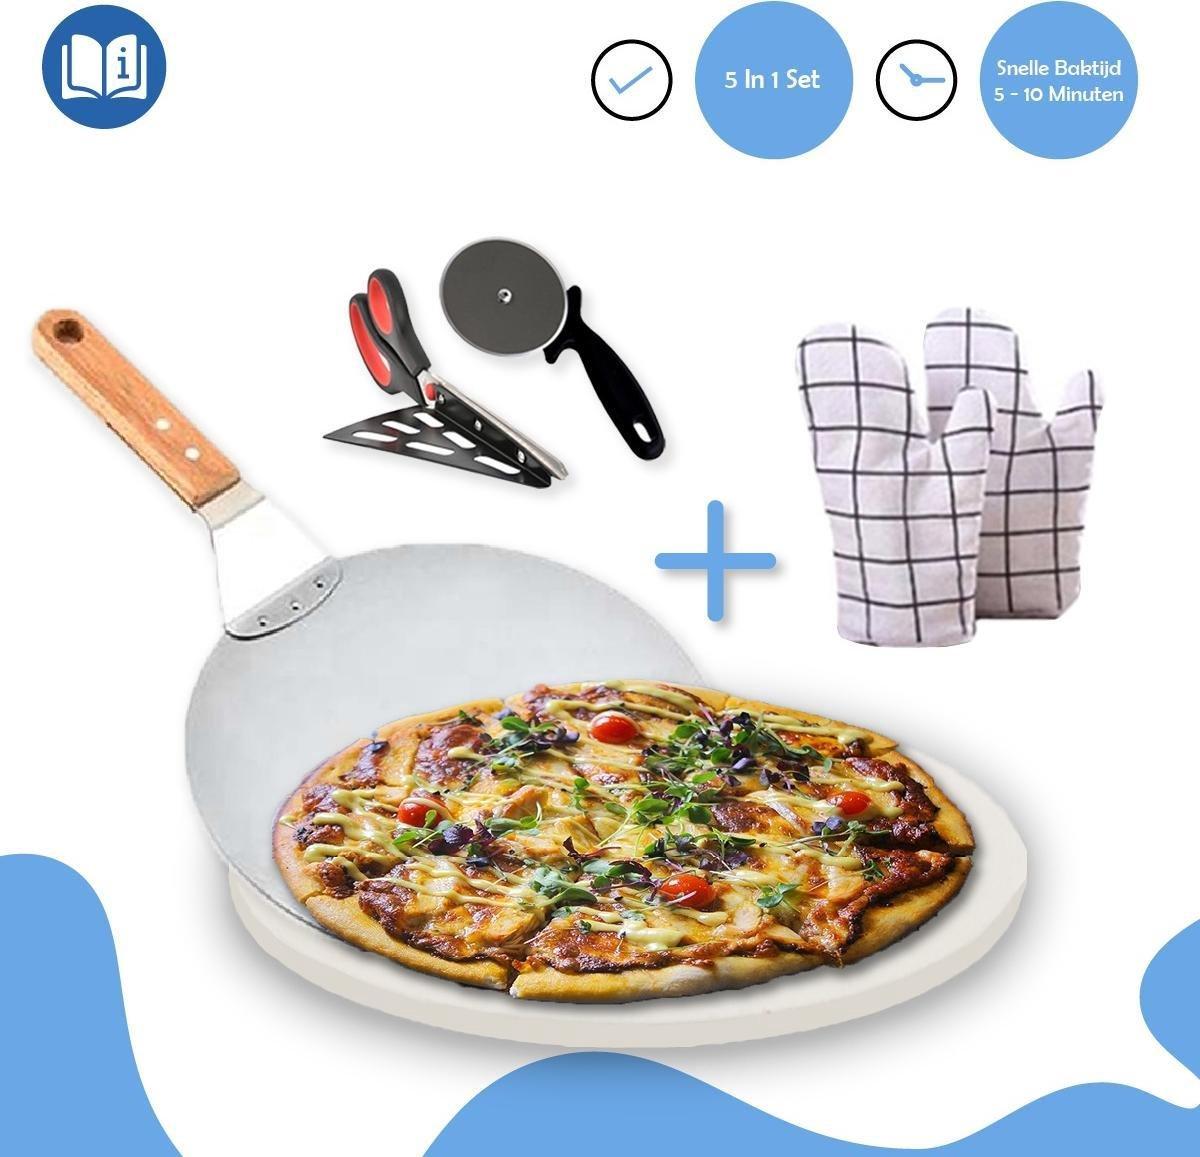 Fastella 5-in-1 Pizza Set - Pizzasteen BBQ - Barbecue & Oven - Ø 38 cm - 800°C - Cordieriet - Wit - Schaar, Mes & Schep - Incl. Ovenwanten